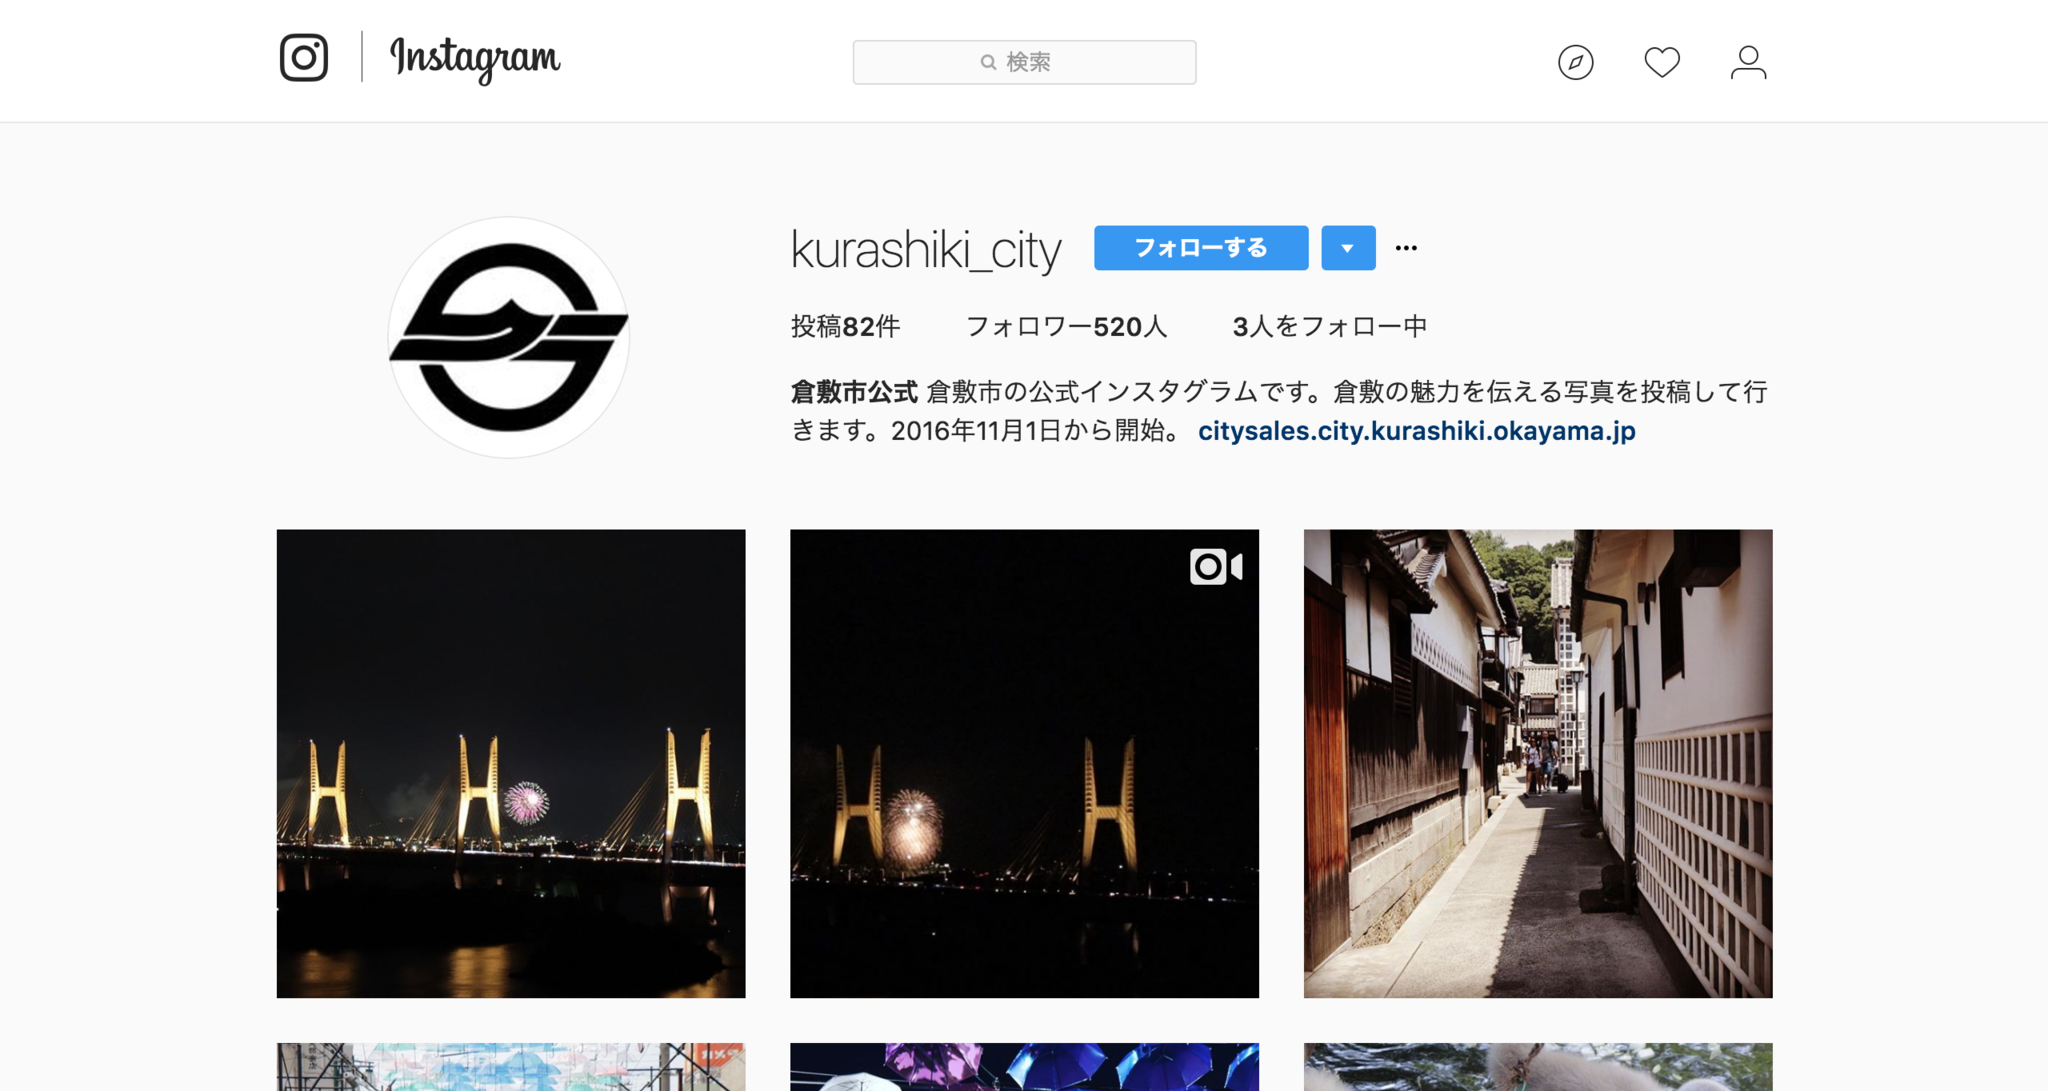 倉敷市公式さん__kurashiki_city__•_Instagram写真と動画.png